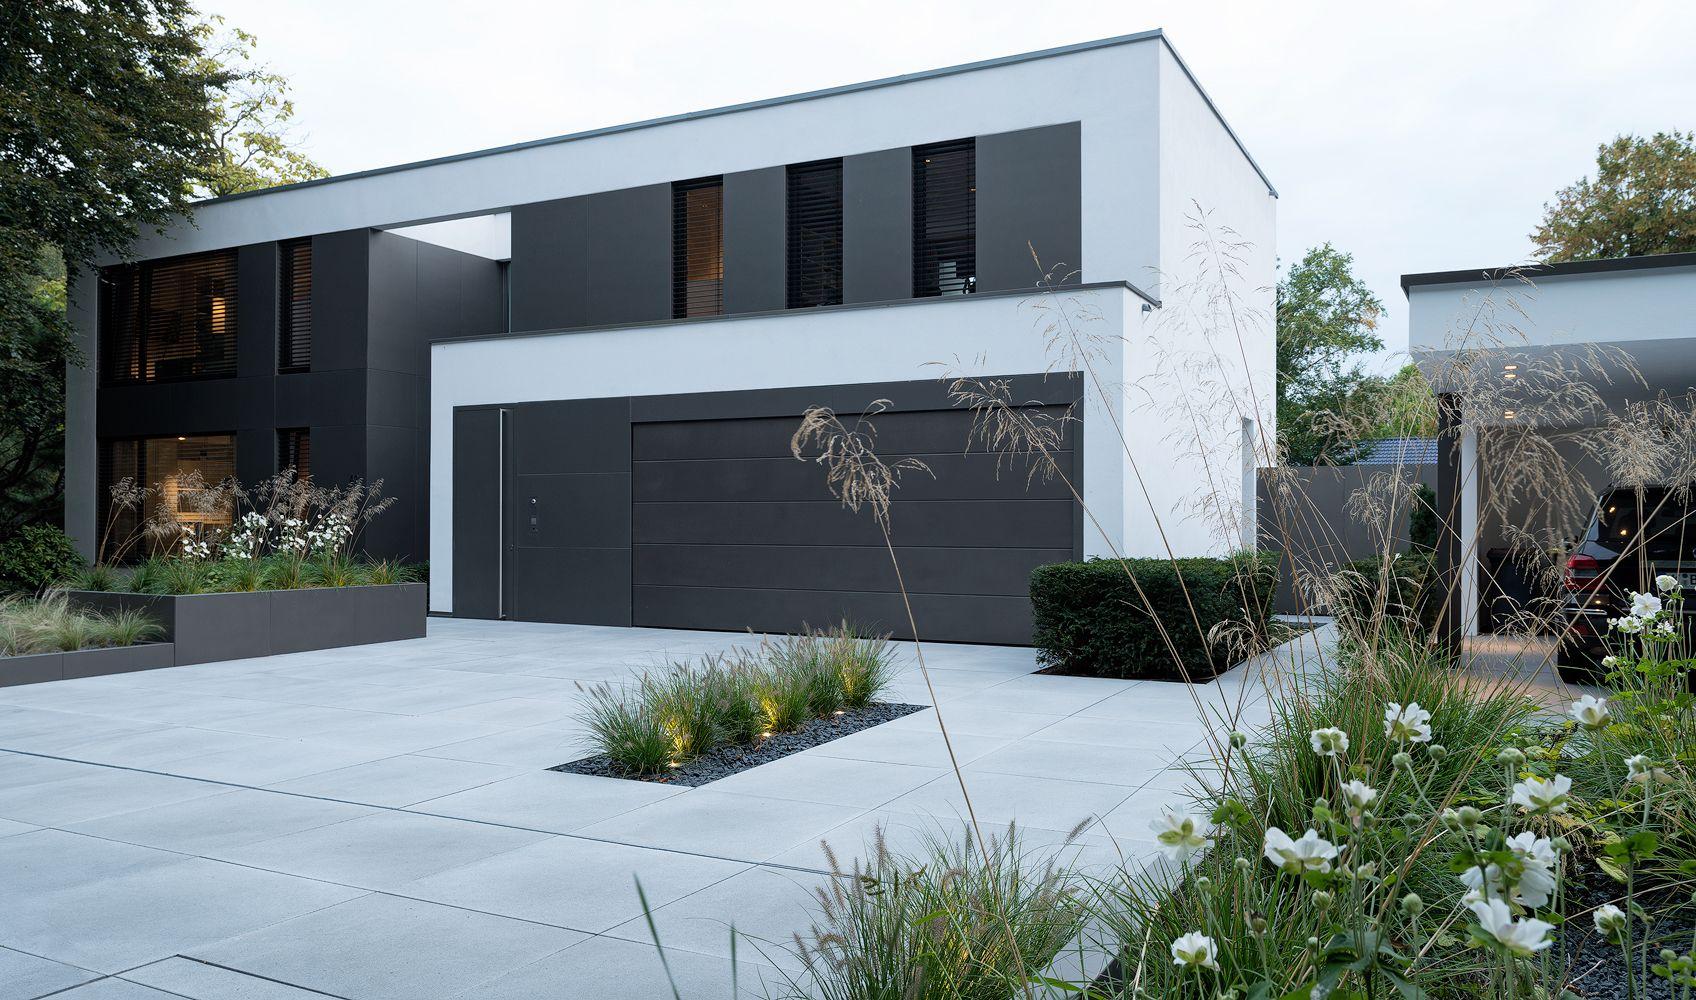 moderne architektur im tageslicht. pulverbeschichtete hochbeete in, Innenarchitektur ideen